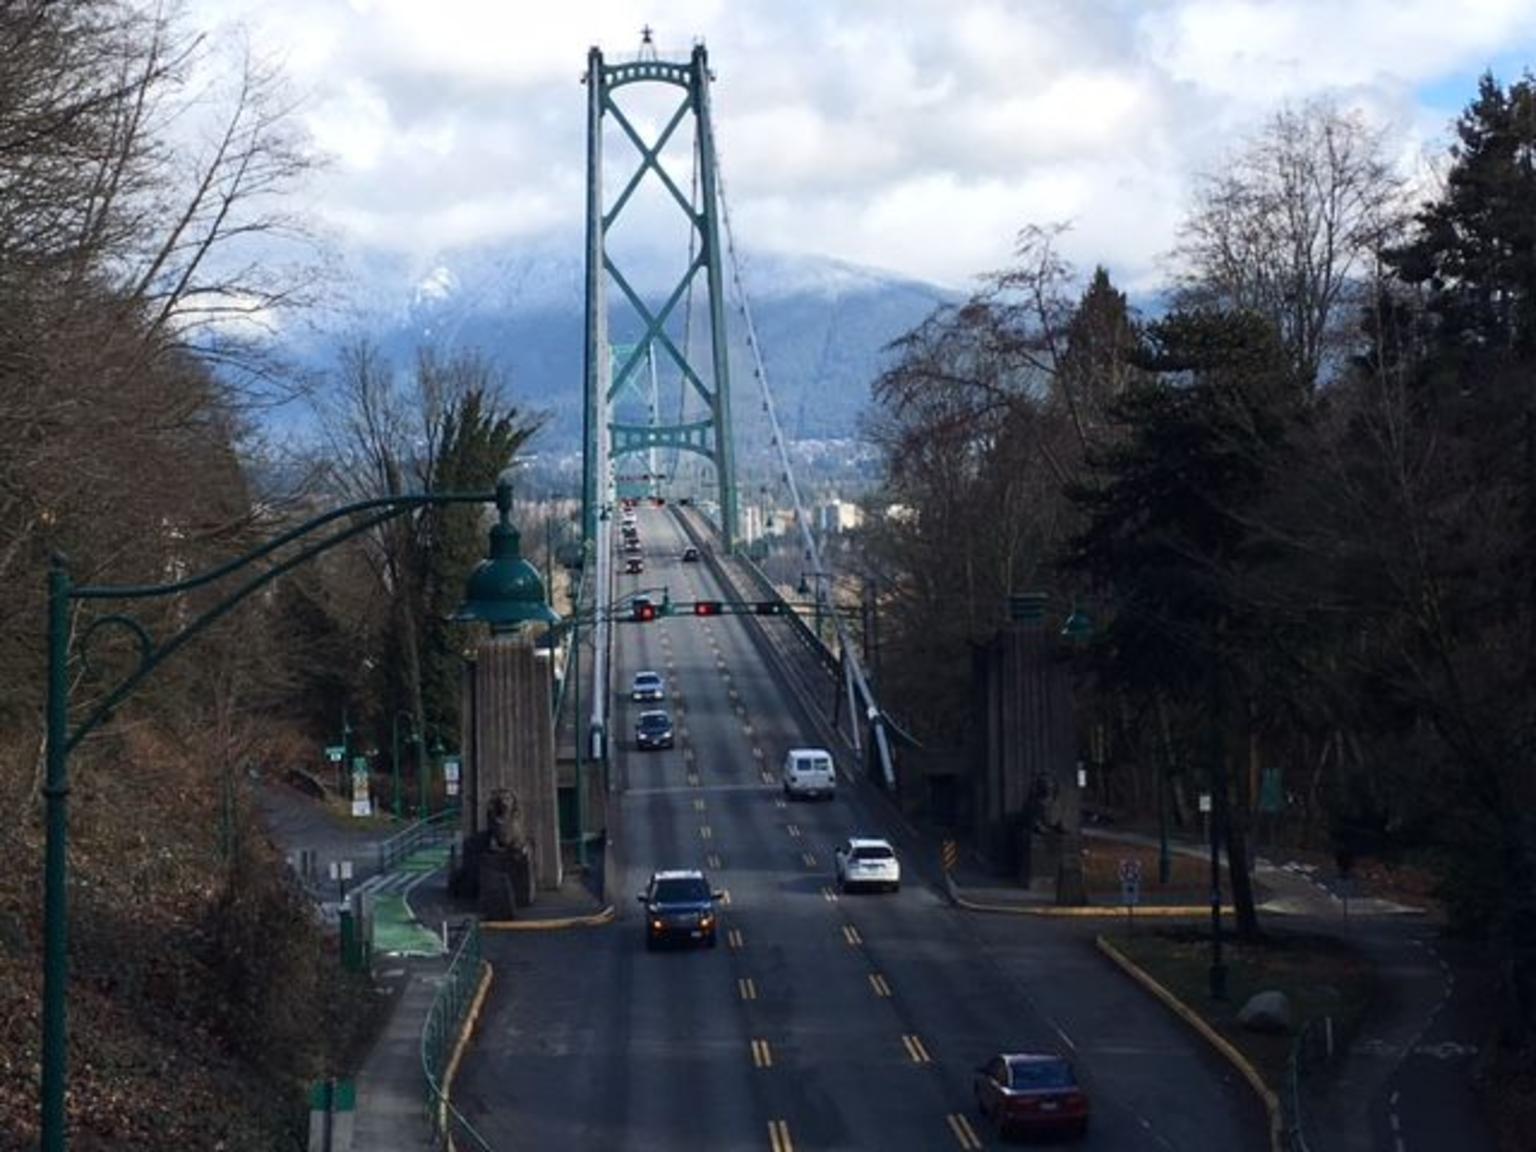 MÁS FOTOS, Visita turística a Vancouver